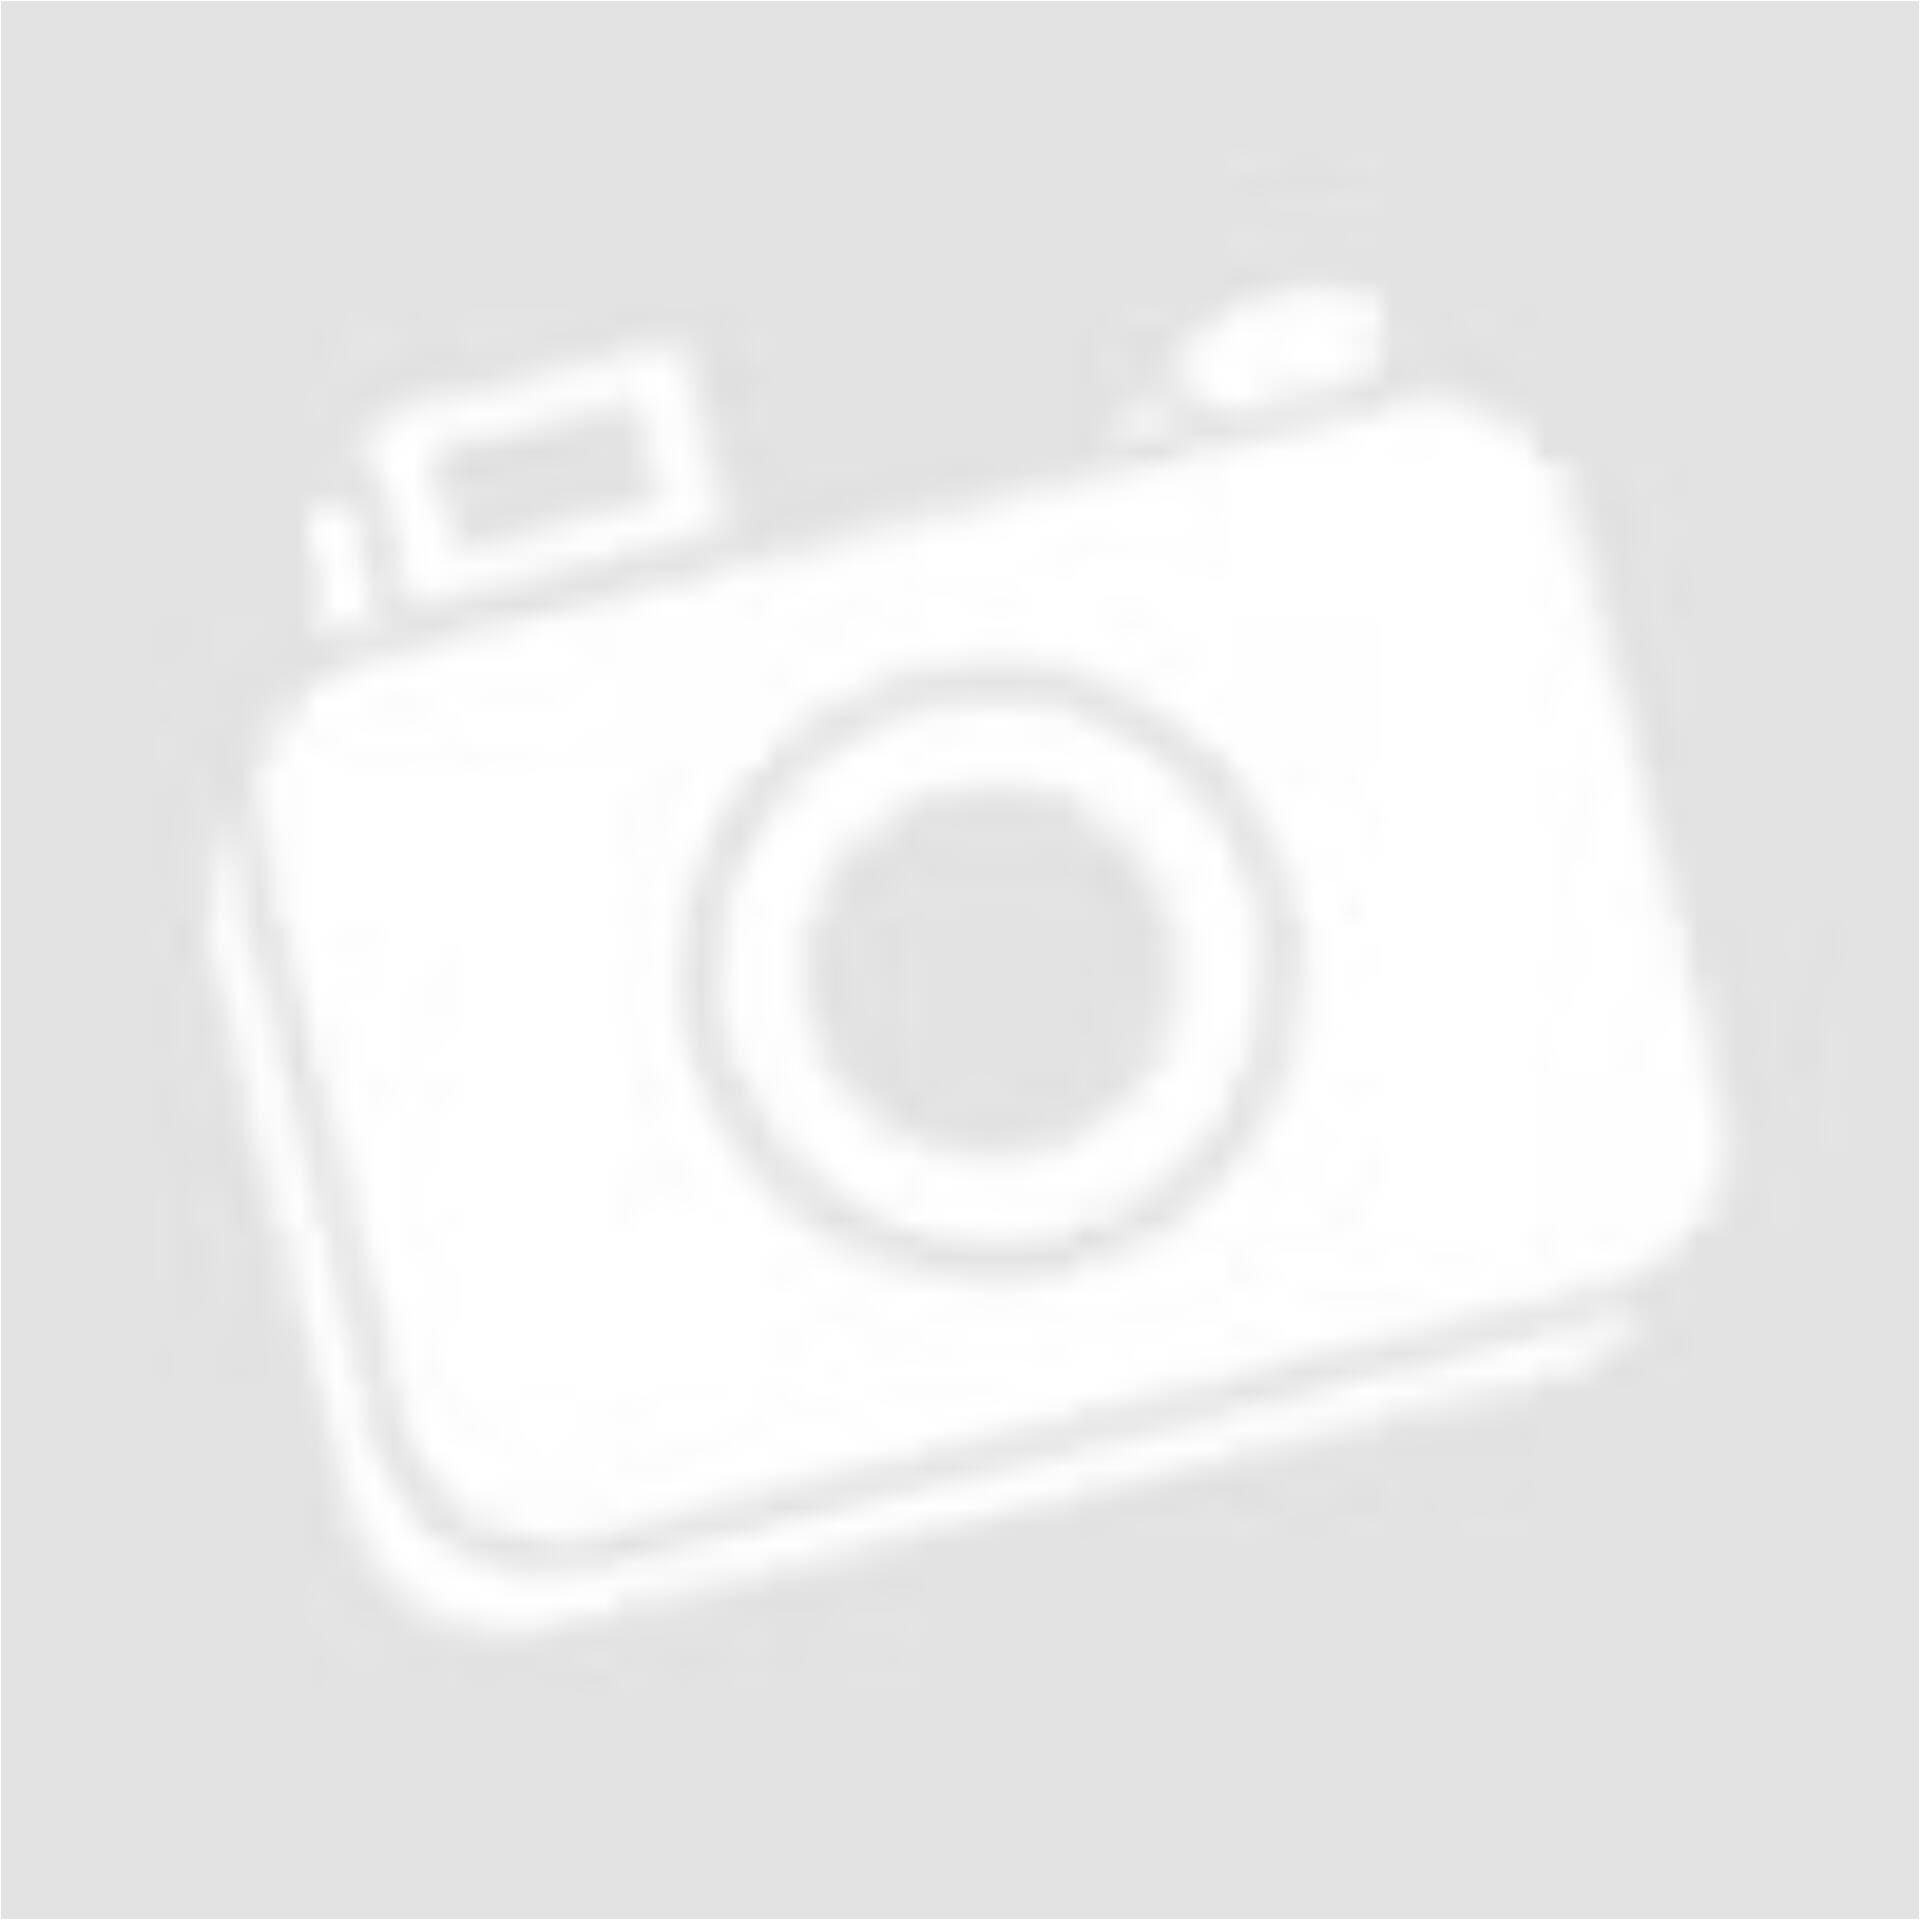 ef101622f7 LTB szürke színű kötött pelerin (Méret: M) - Női pulóver, kardigán, boleró  - Öltözz ki webáruház - Új és Használtruha webshop